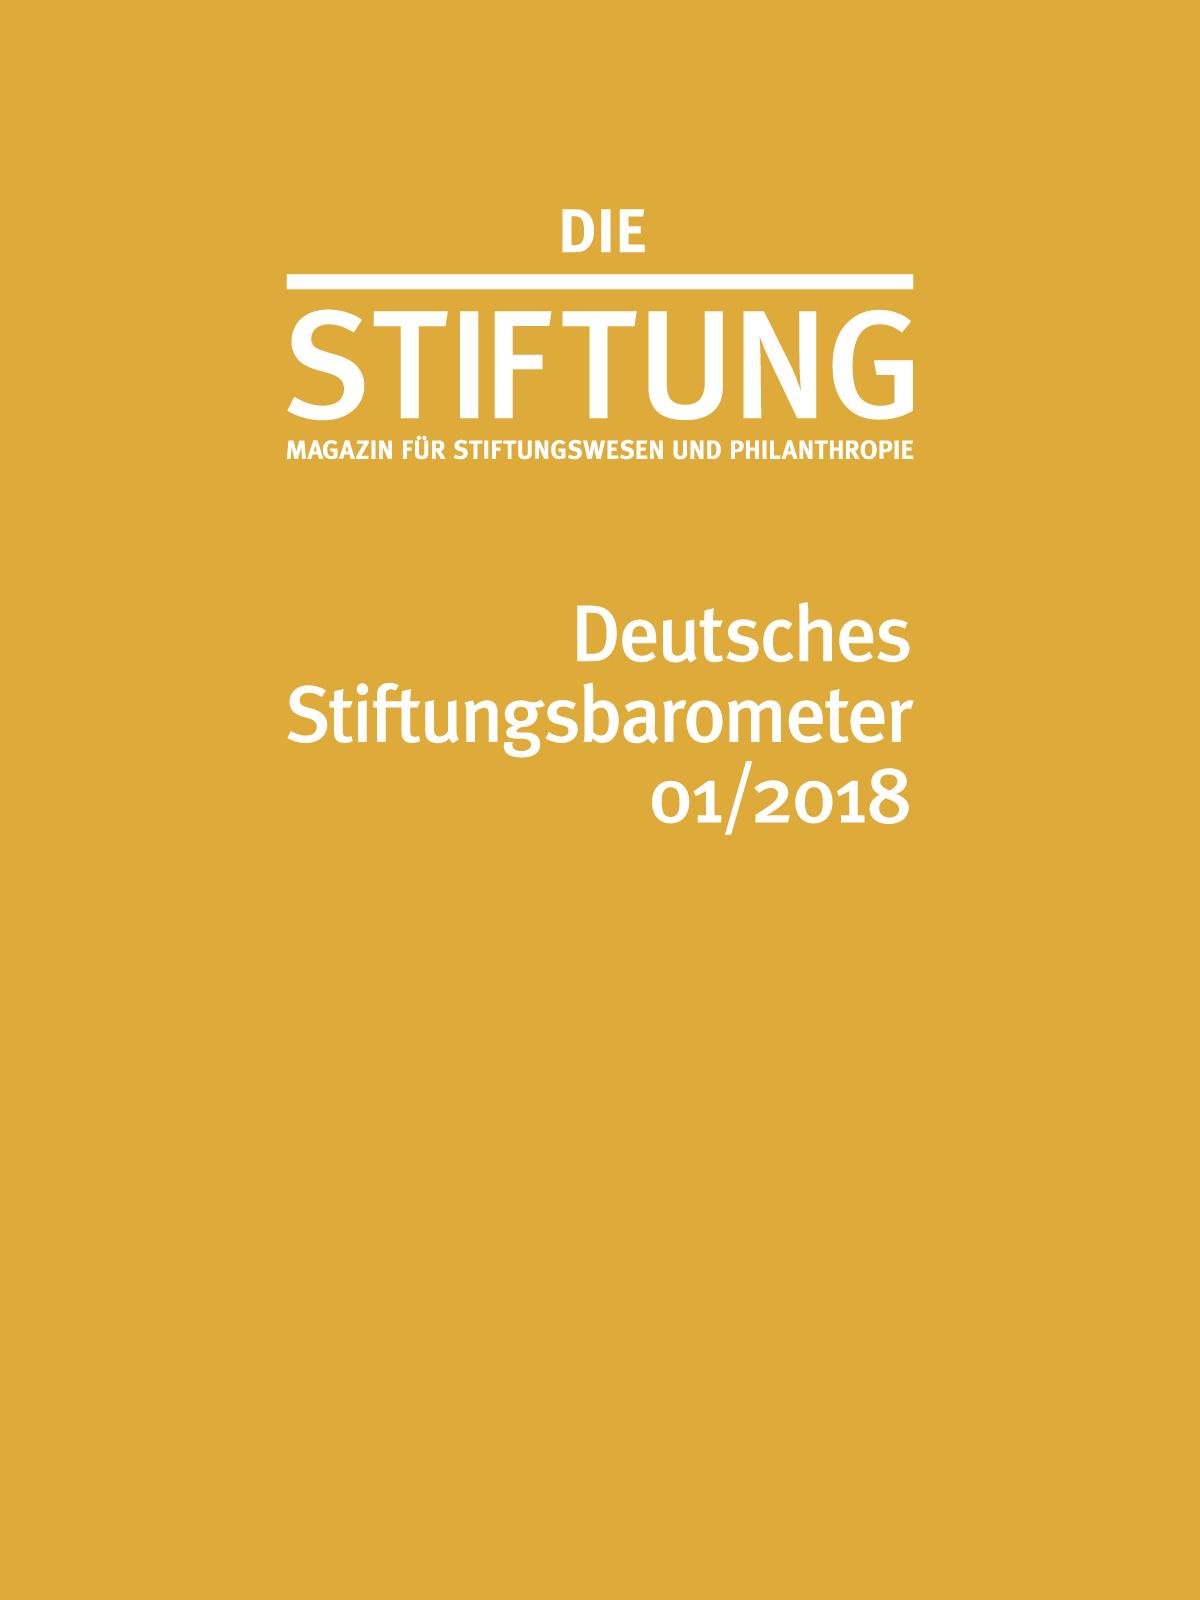 Deutsches Stiftungsbarometer 01/2018